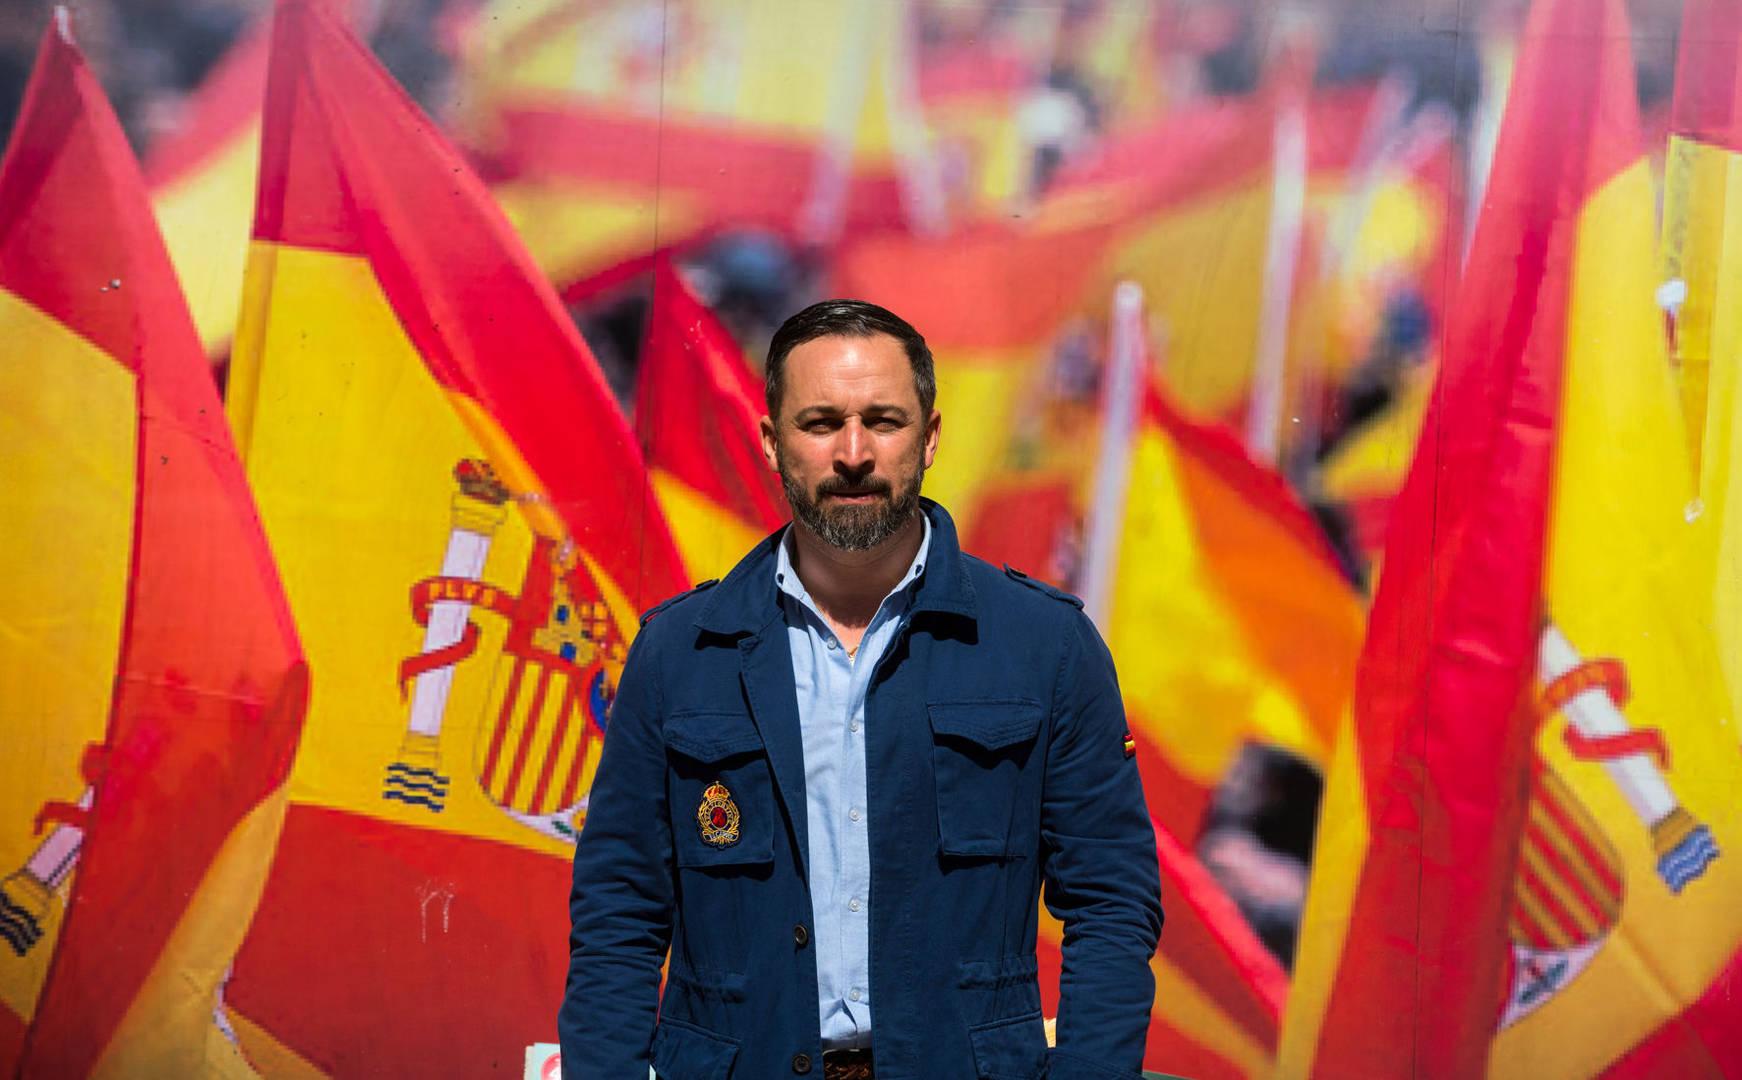 Siniestro hackeo a VOX: Banderas de España ardiendo y amenazas de muerte a Santi Abascal